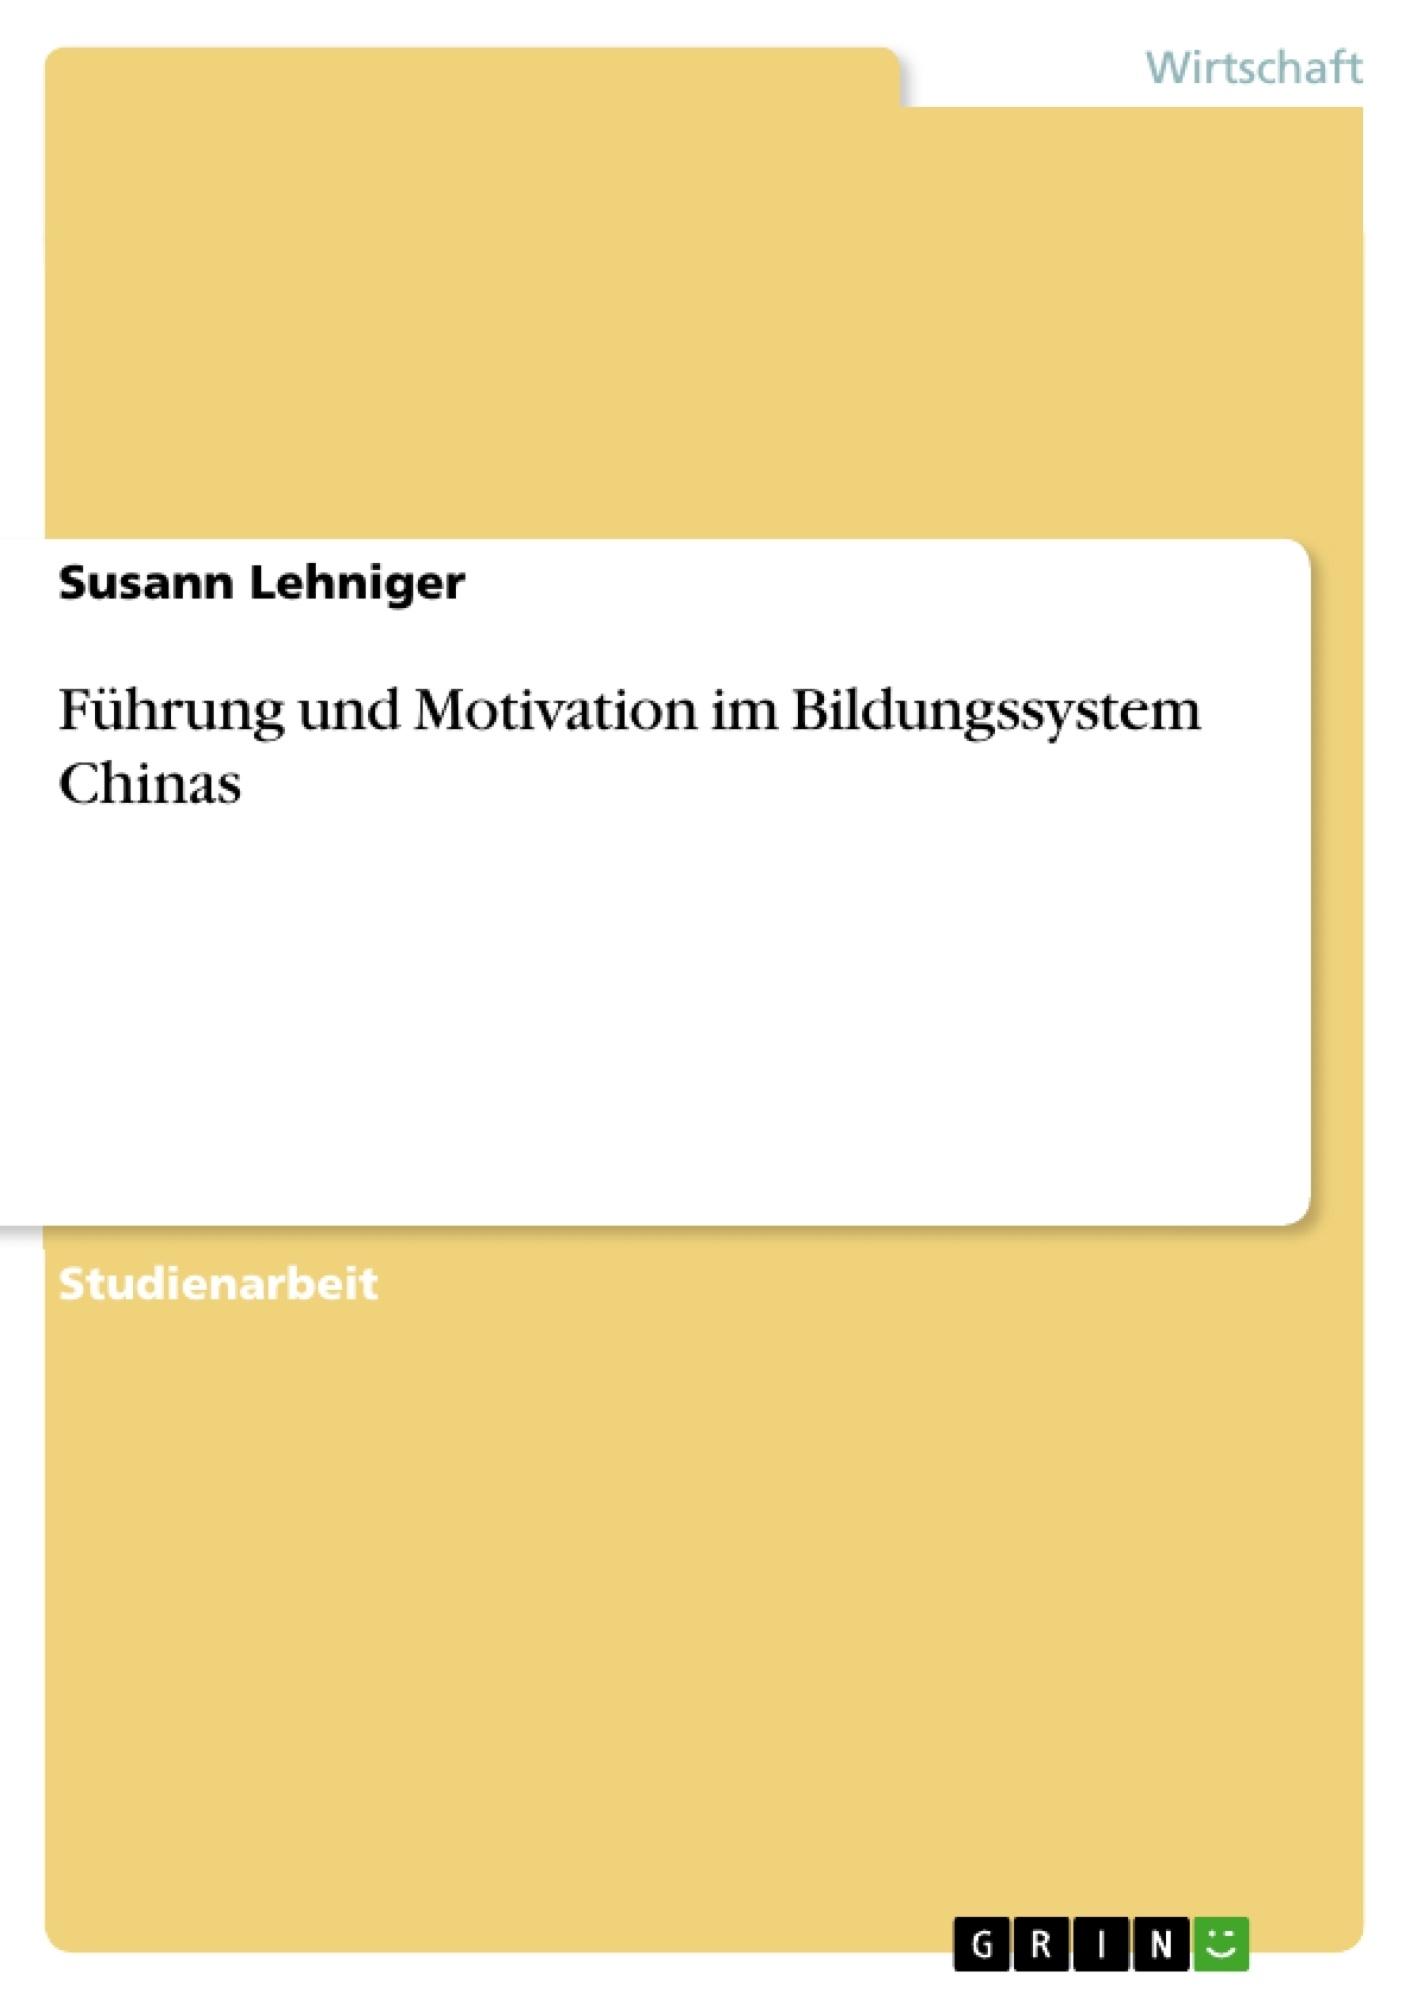 Titel: Führung und Motivation im Bildungssystem Chinas